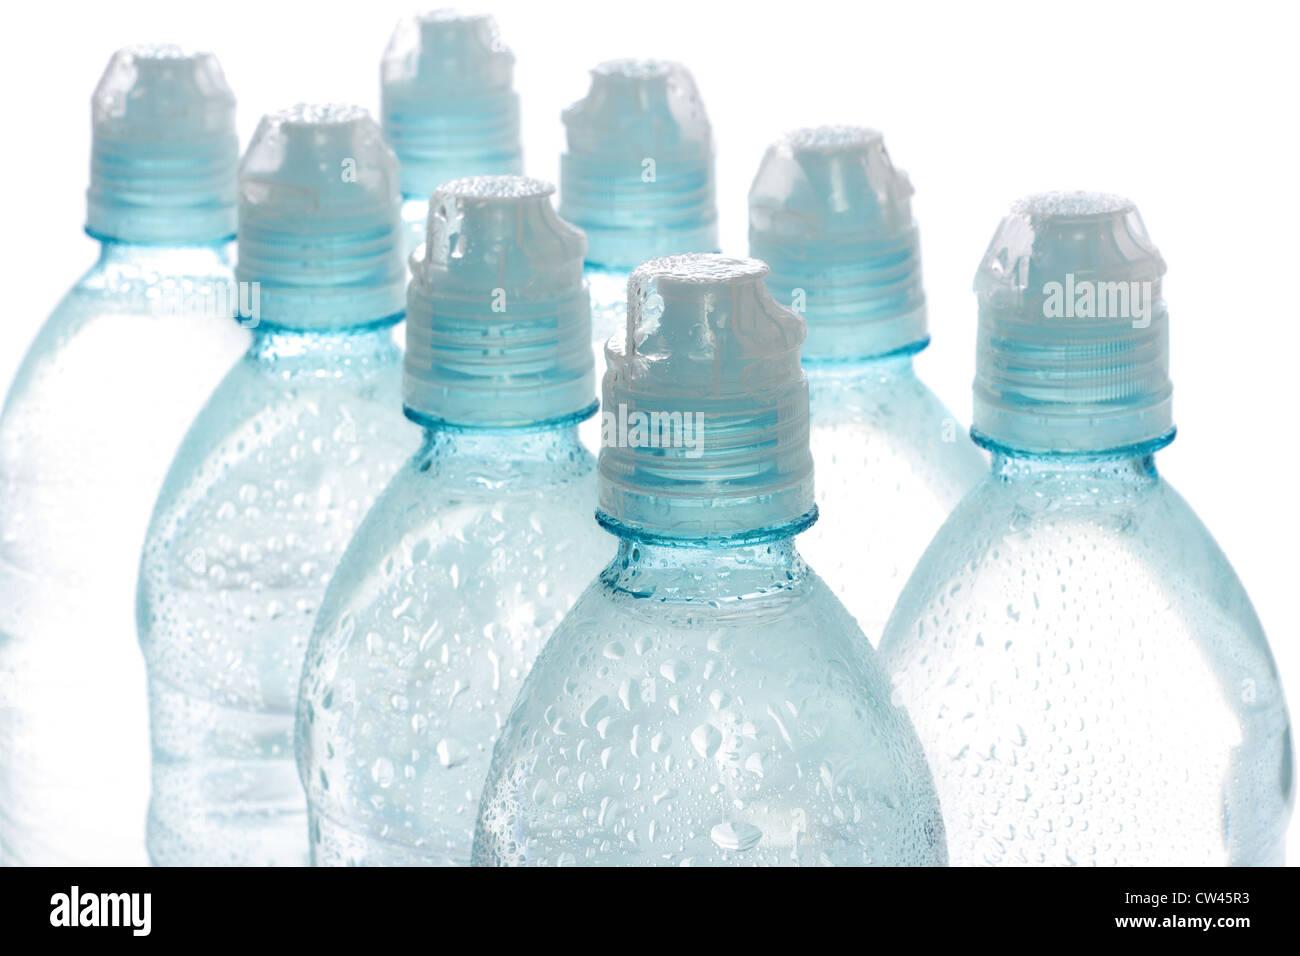 L'eau en bouteille isolé sur fond blanc Photo Stock